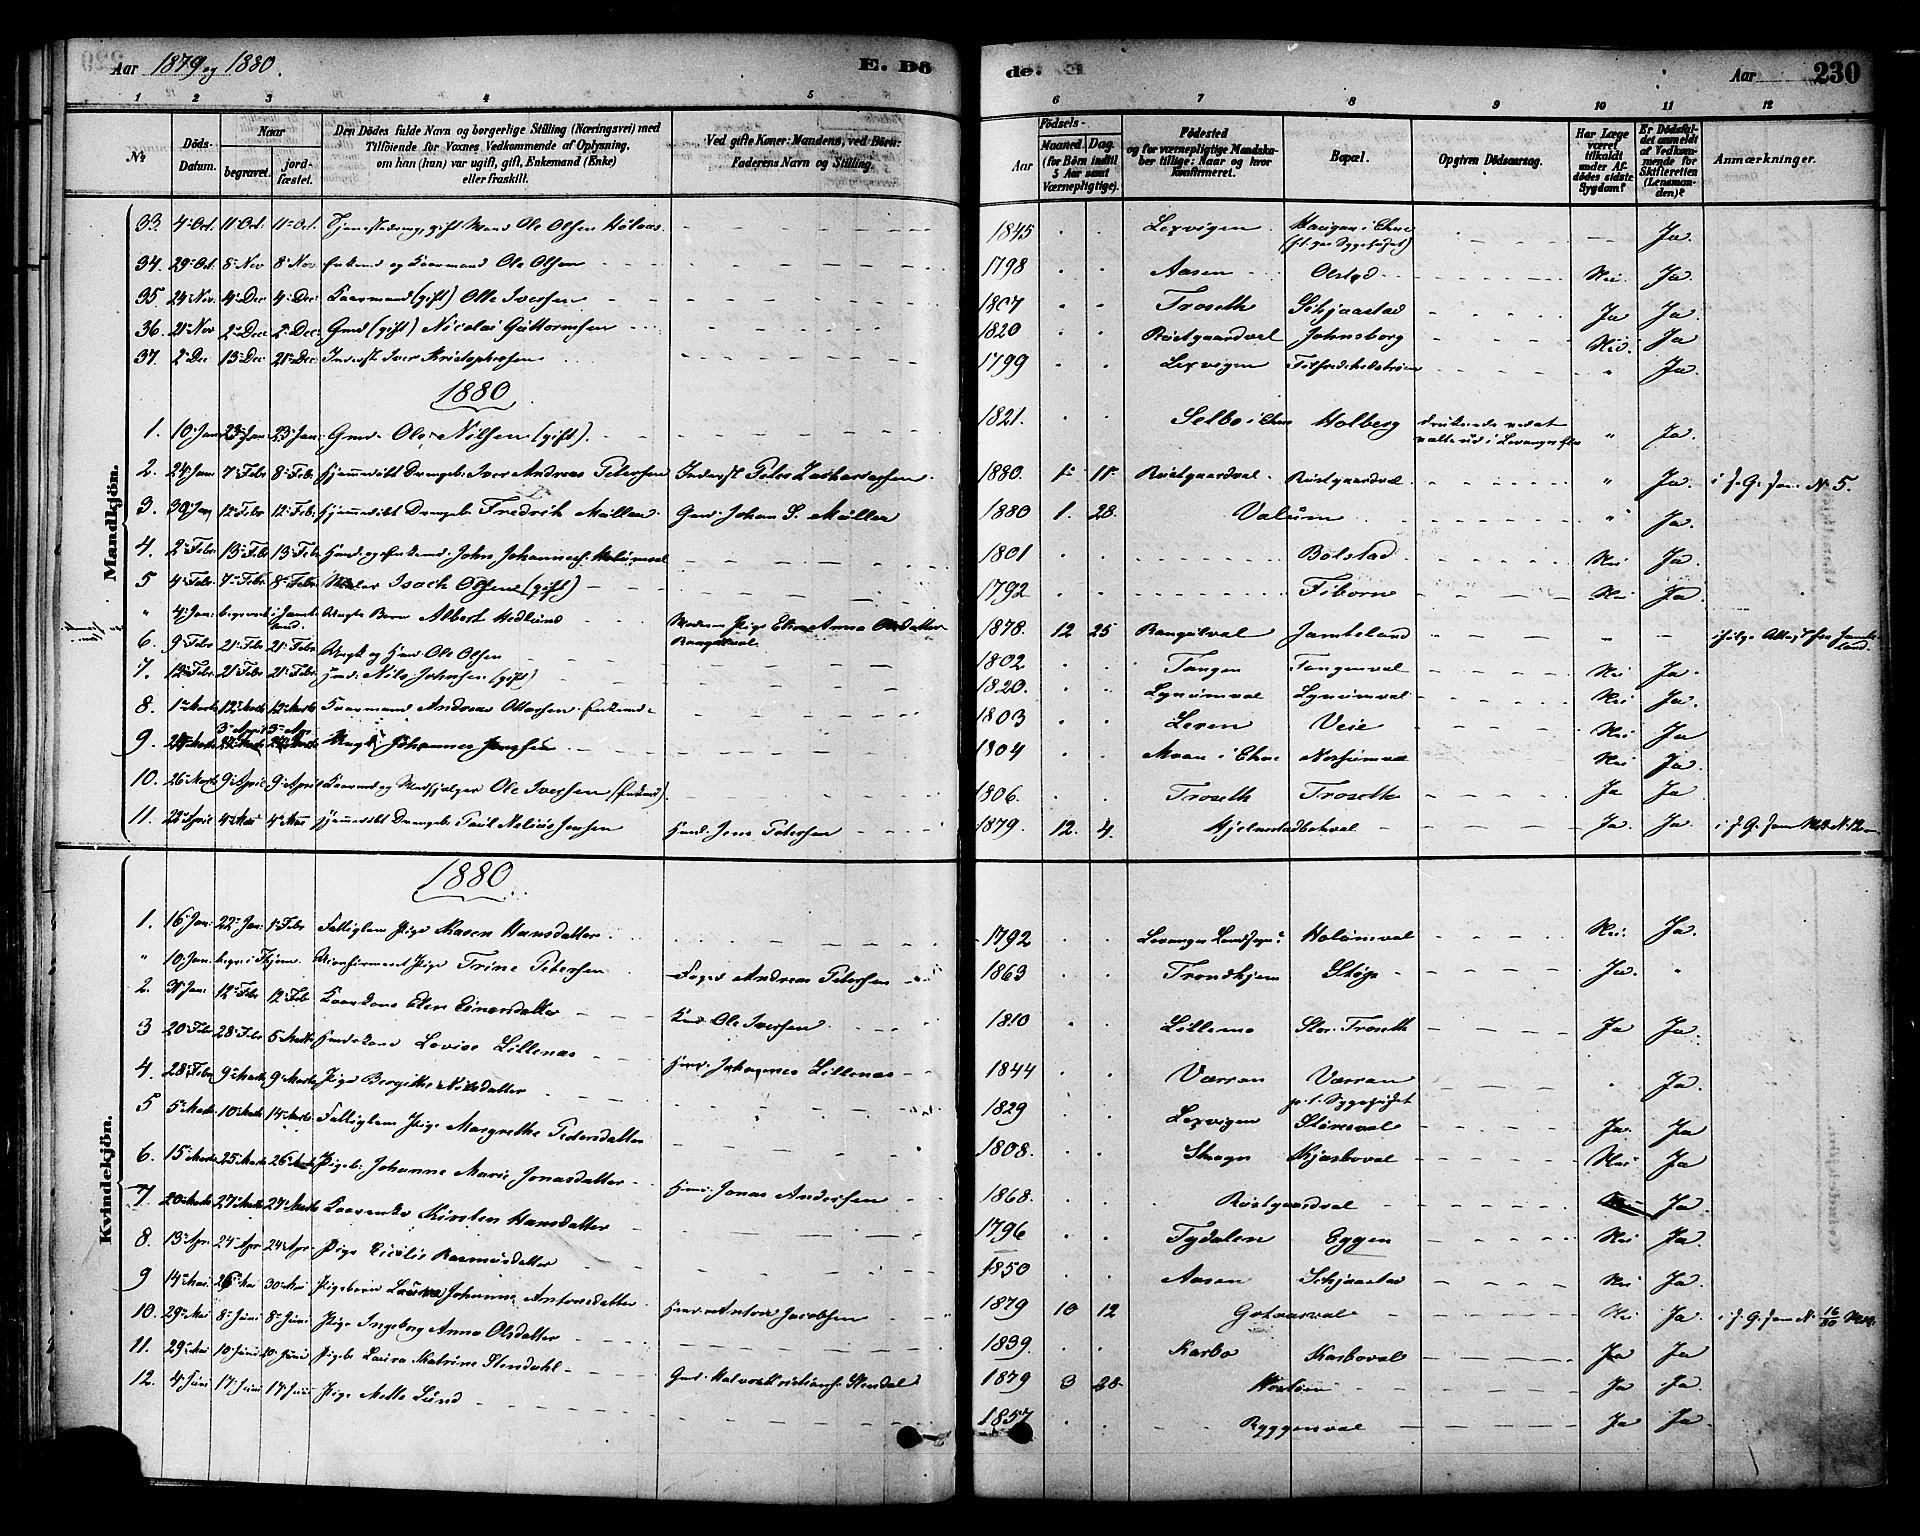 SAT, Ministerialprotokoller, klokkerbøker og fødselsregistre - Nord-Trøndelag, 717/L0159: Ministerialbok nr. 717A09, 1878-1898, s. 230